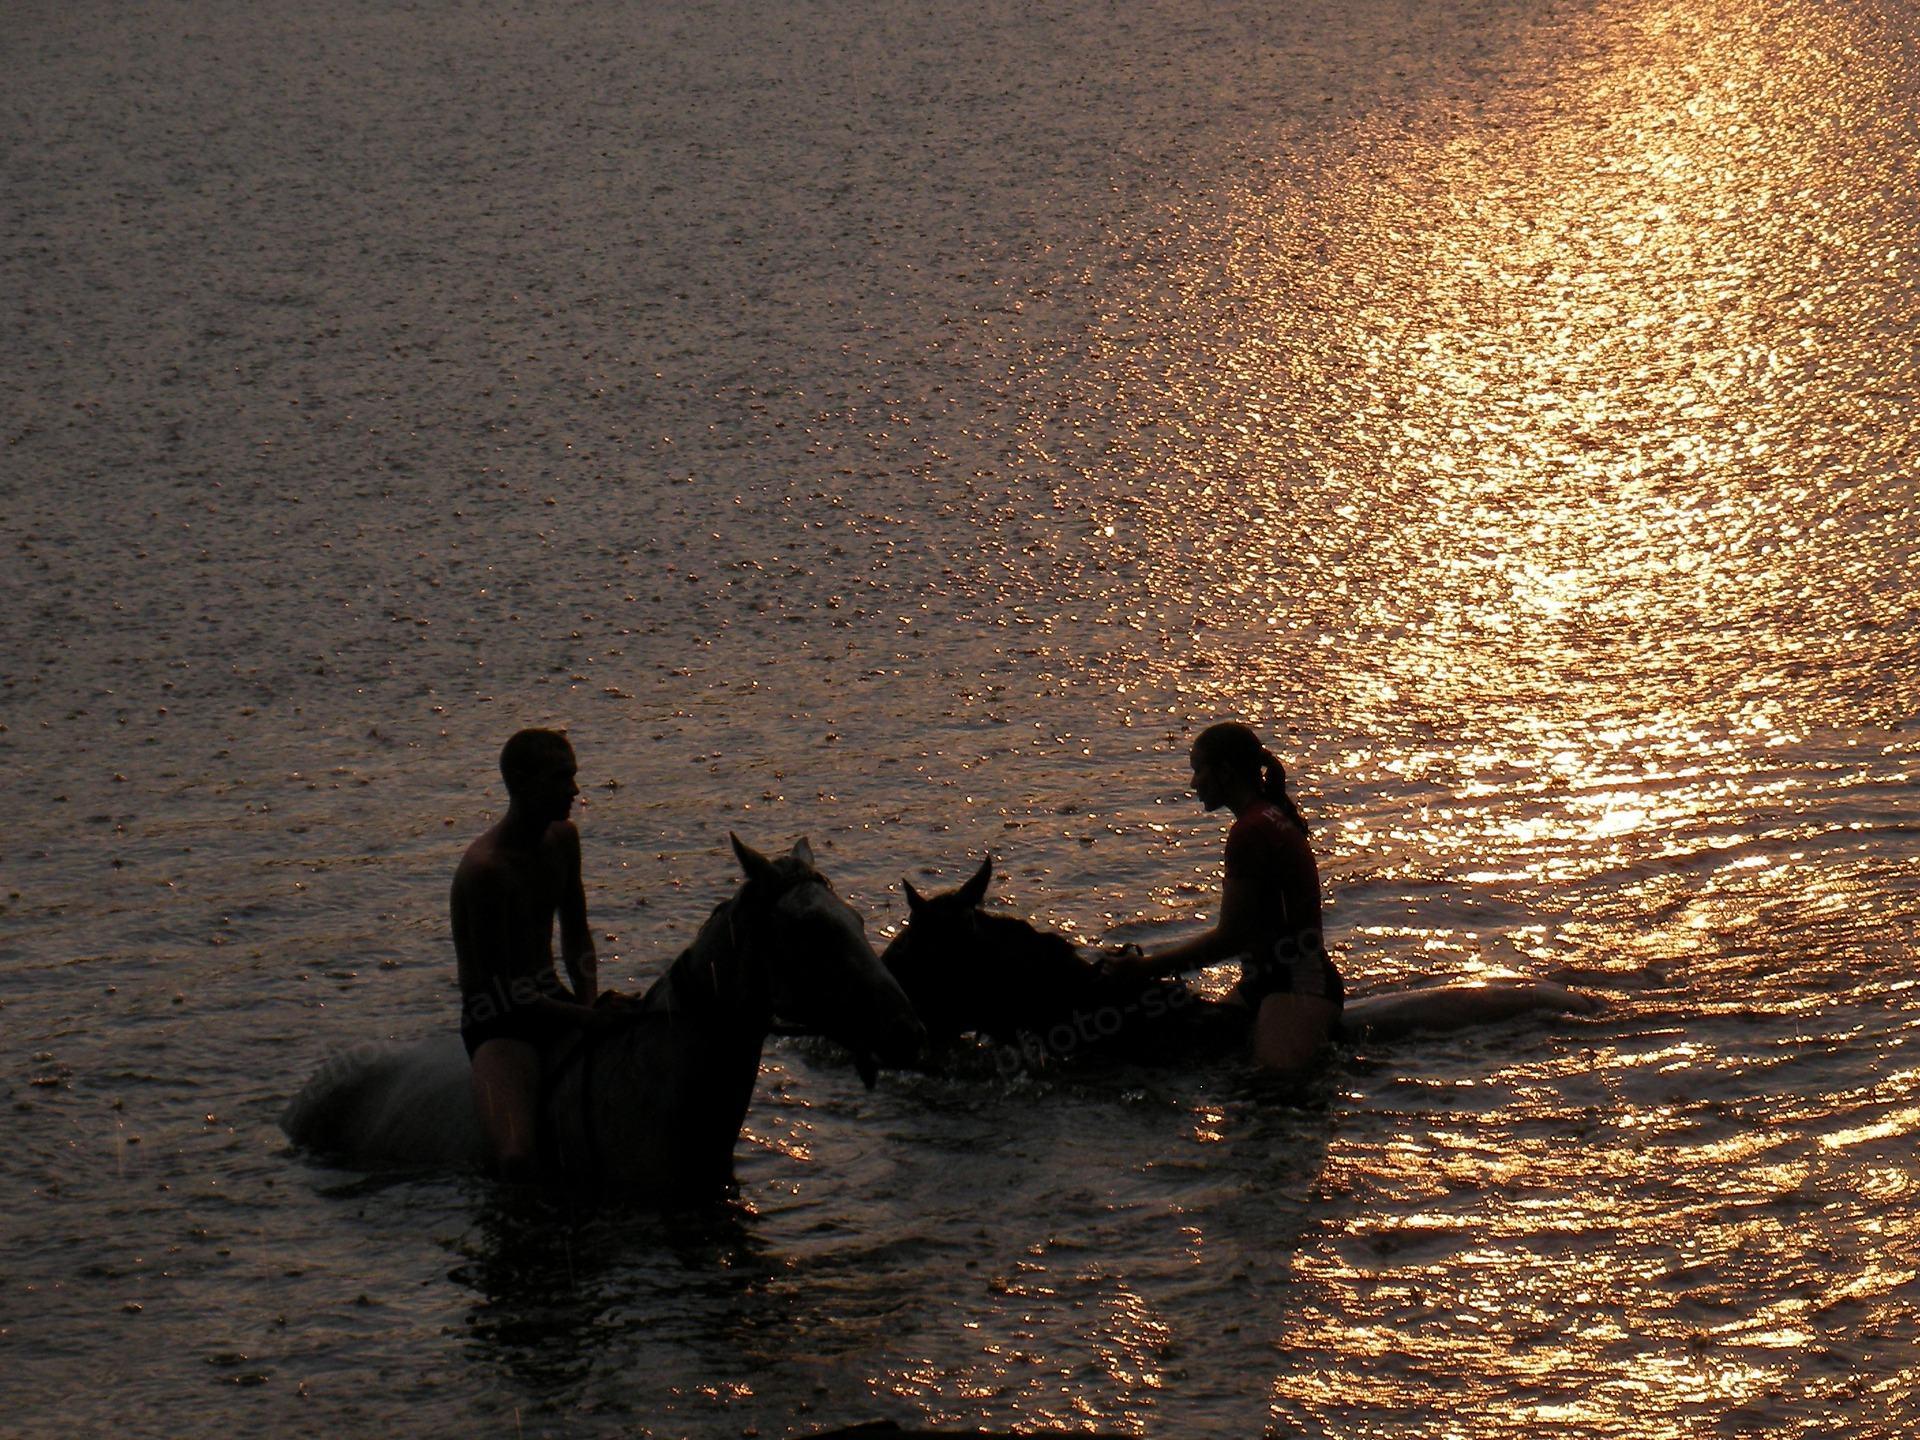 Fant in dekle kopanje na konju